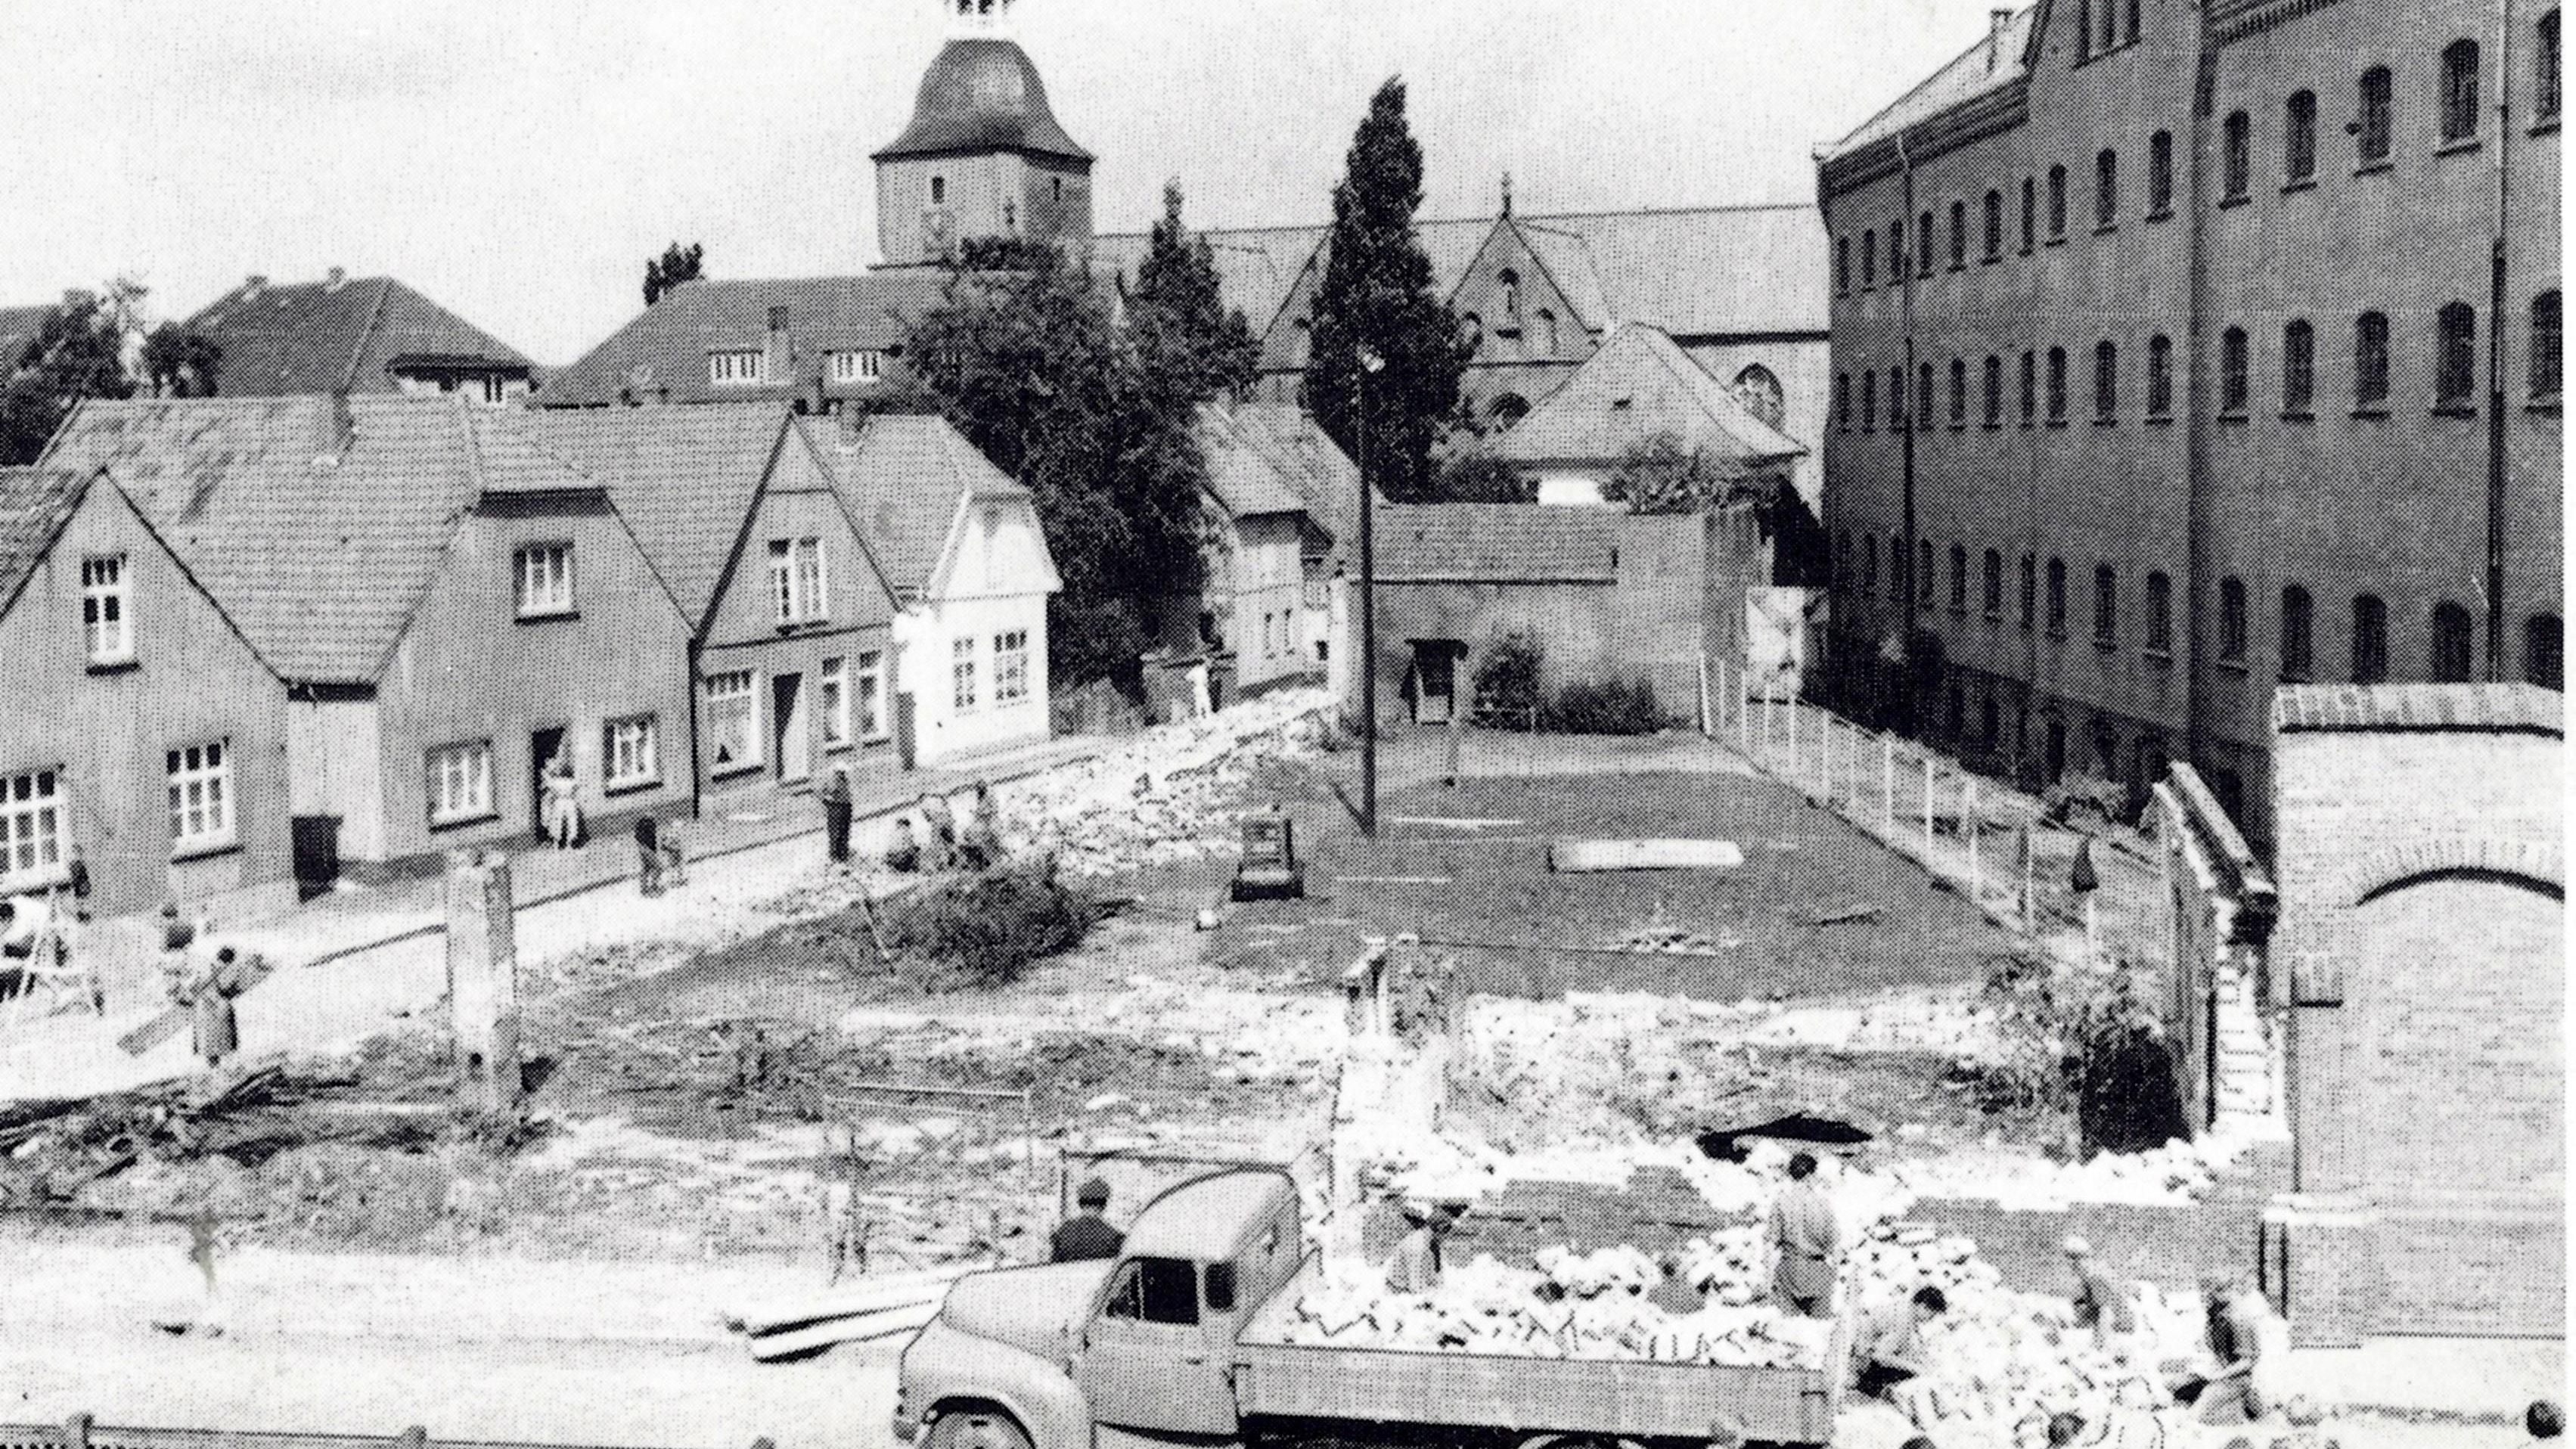 Ein Blick auf das Vechtaer Gefängnis im Jahr 1957: Rechts der Westflügel, vor dem in diesem Jahr die neue Außenmauer errichtet wurde. Foto: Buch Alt-Vechta